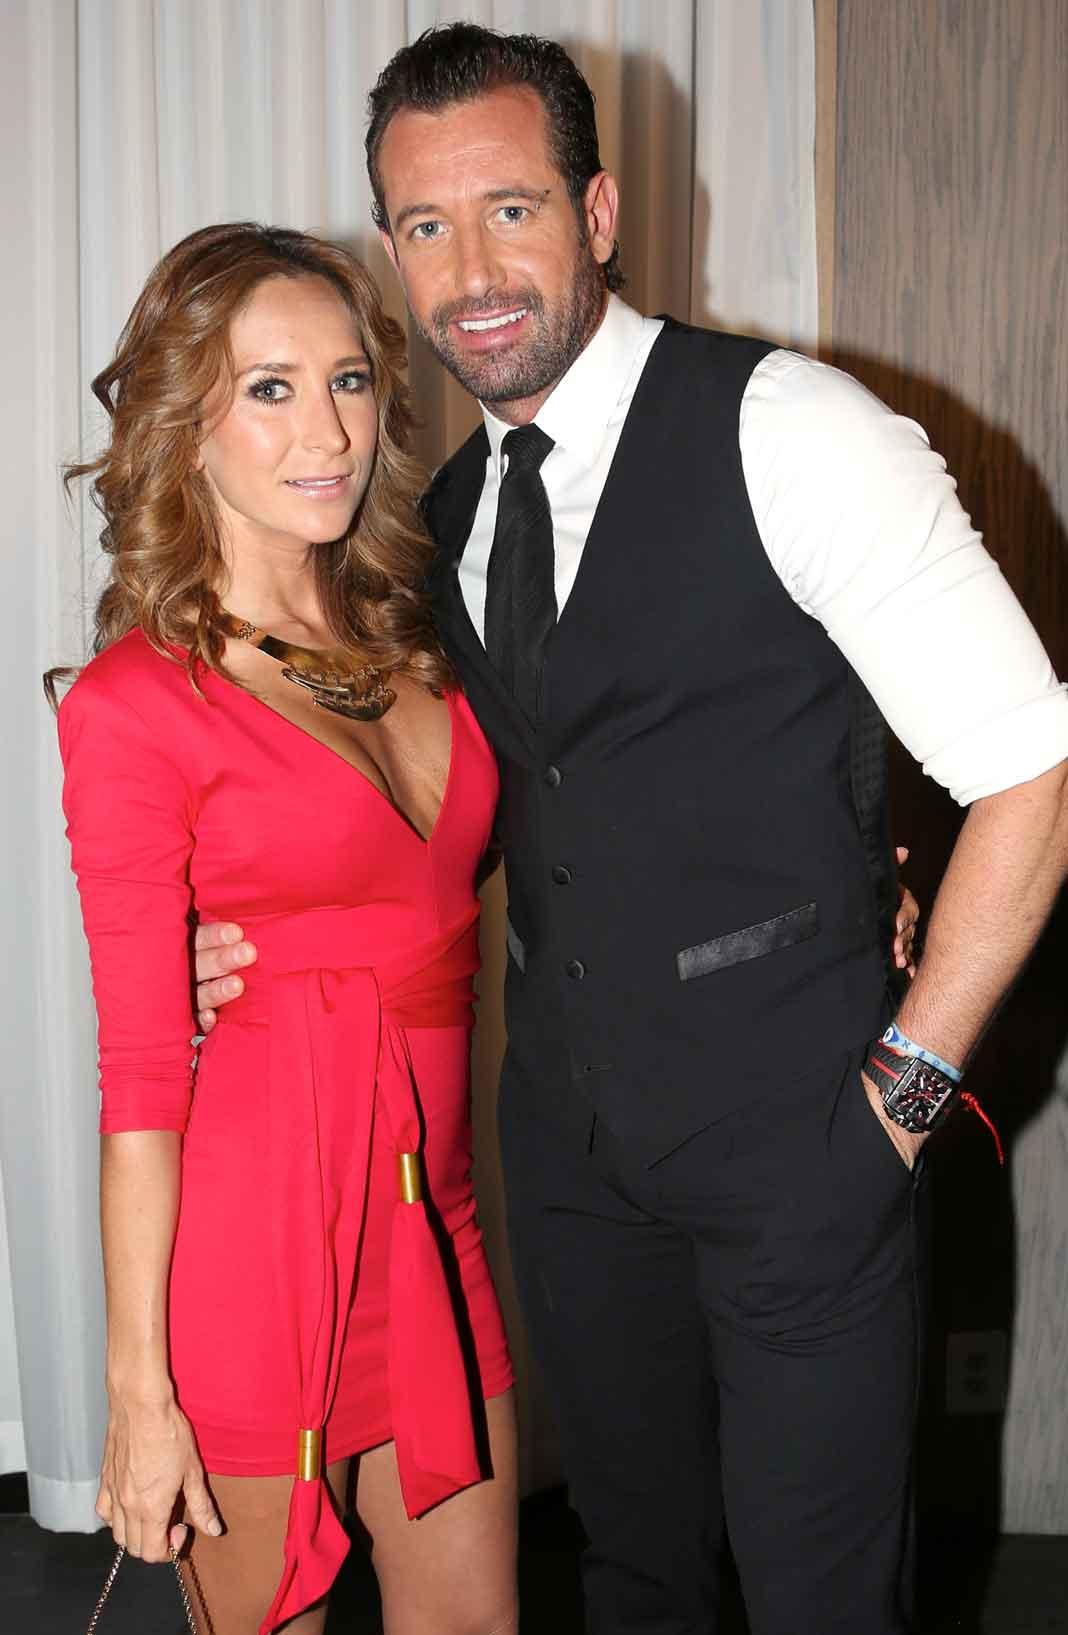 En una reciente entrevista, Gabriel Soto reconoció que Geraldine le aguantó varias infidelidades